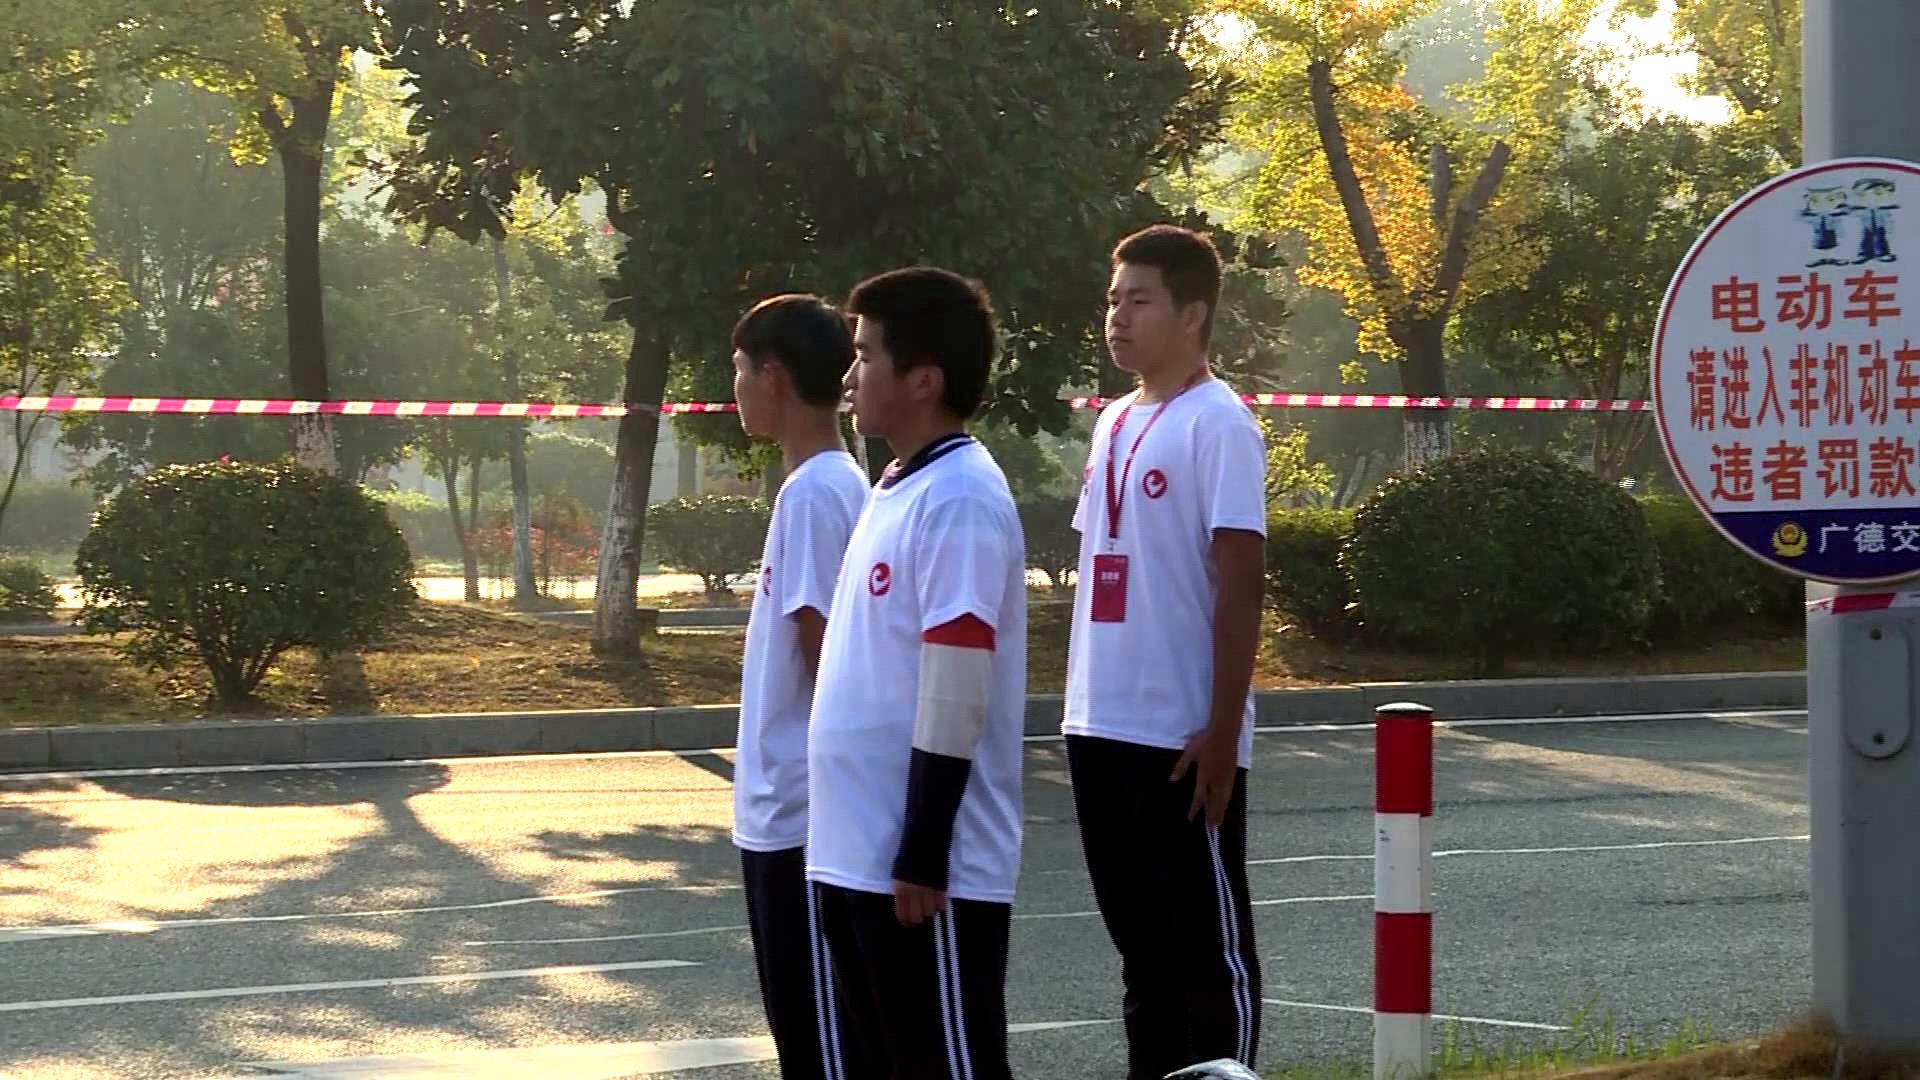 广德国际铁人三项赛的背后,还有一群志愿者在赛场的各个角落